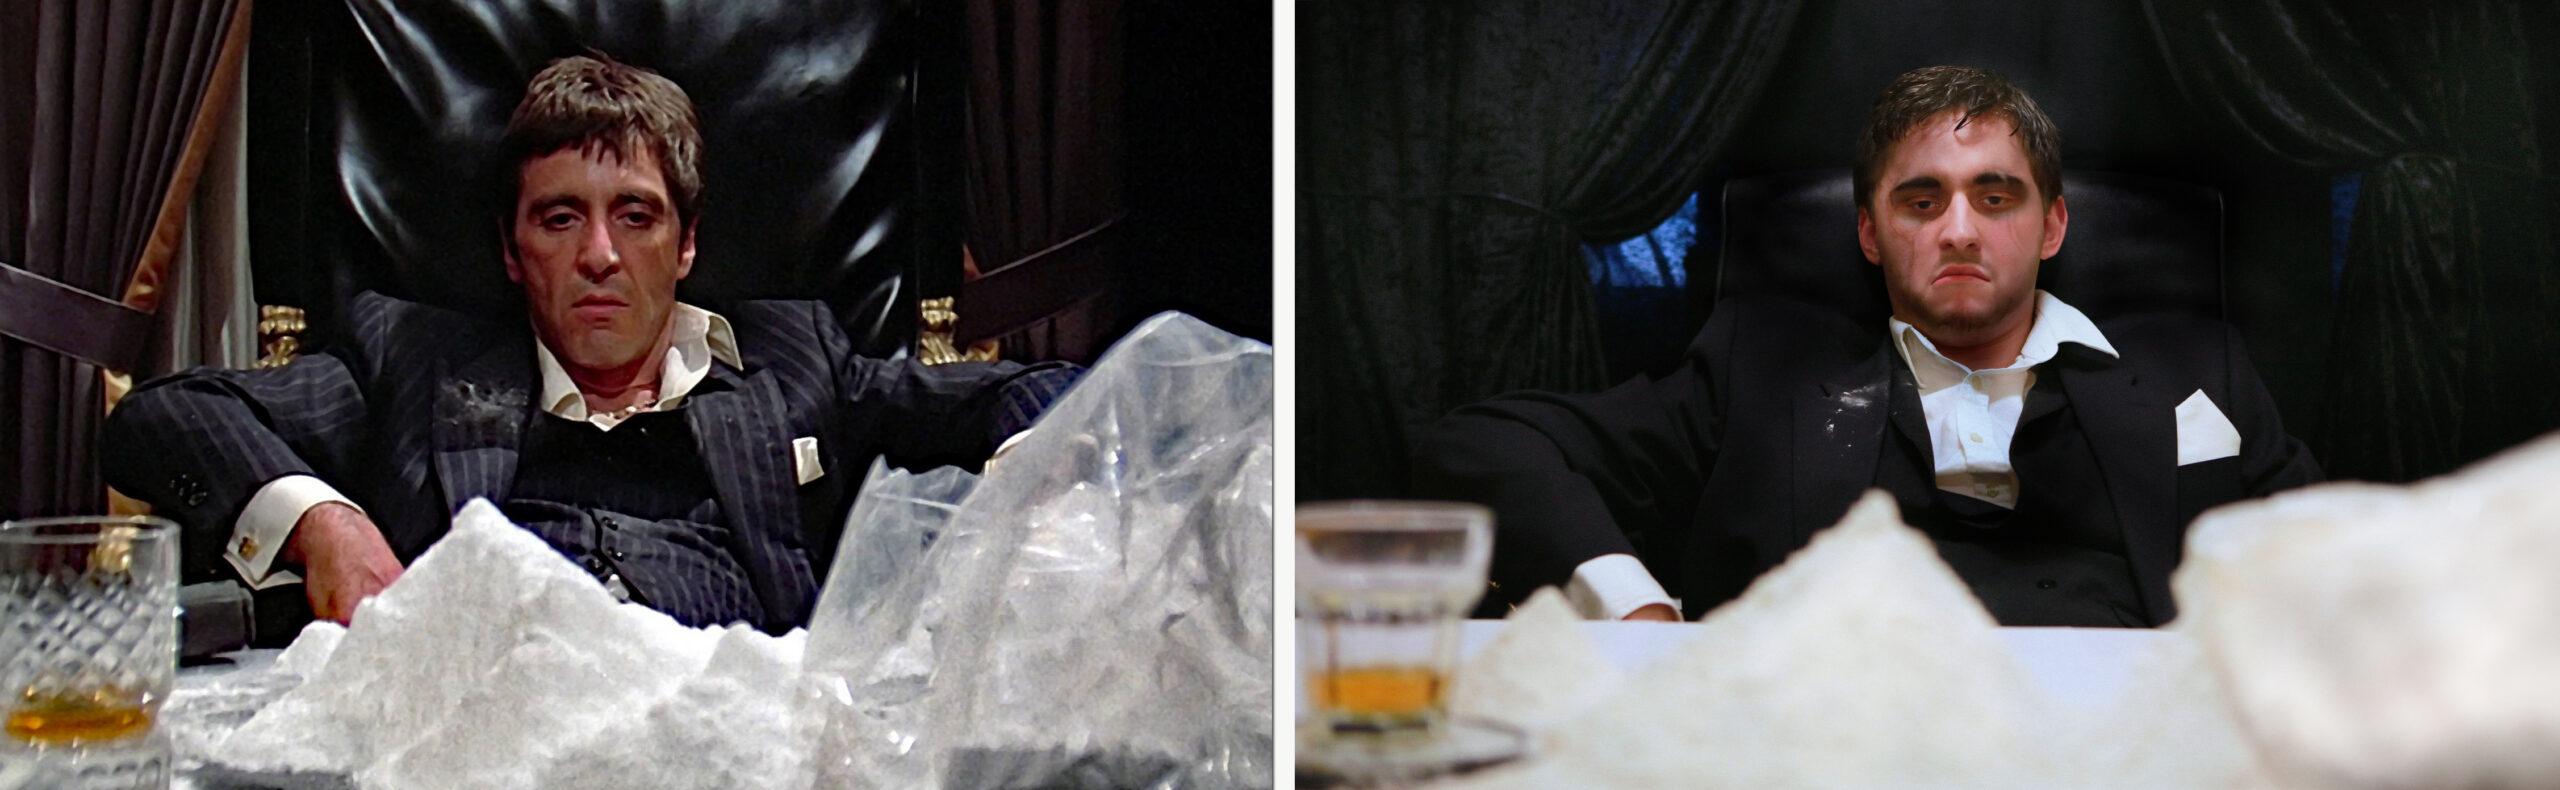 Tony Montana – Scarface / Aidan Ramsay – Paintface